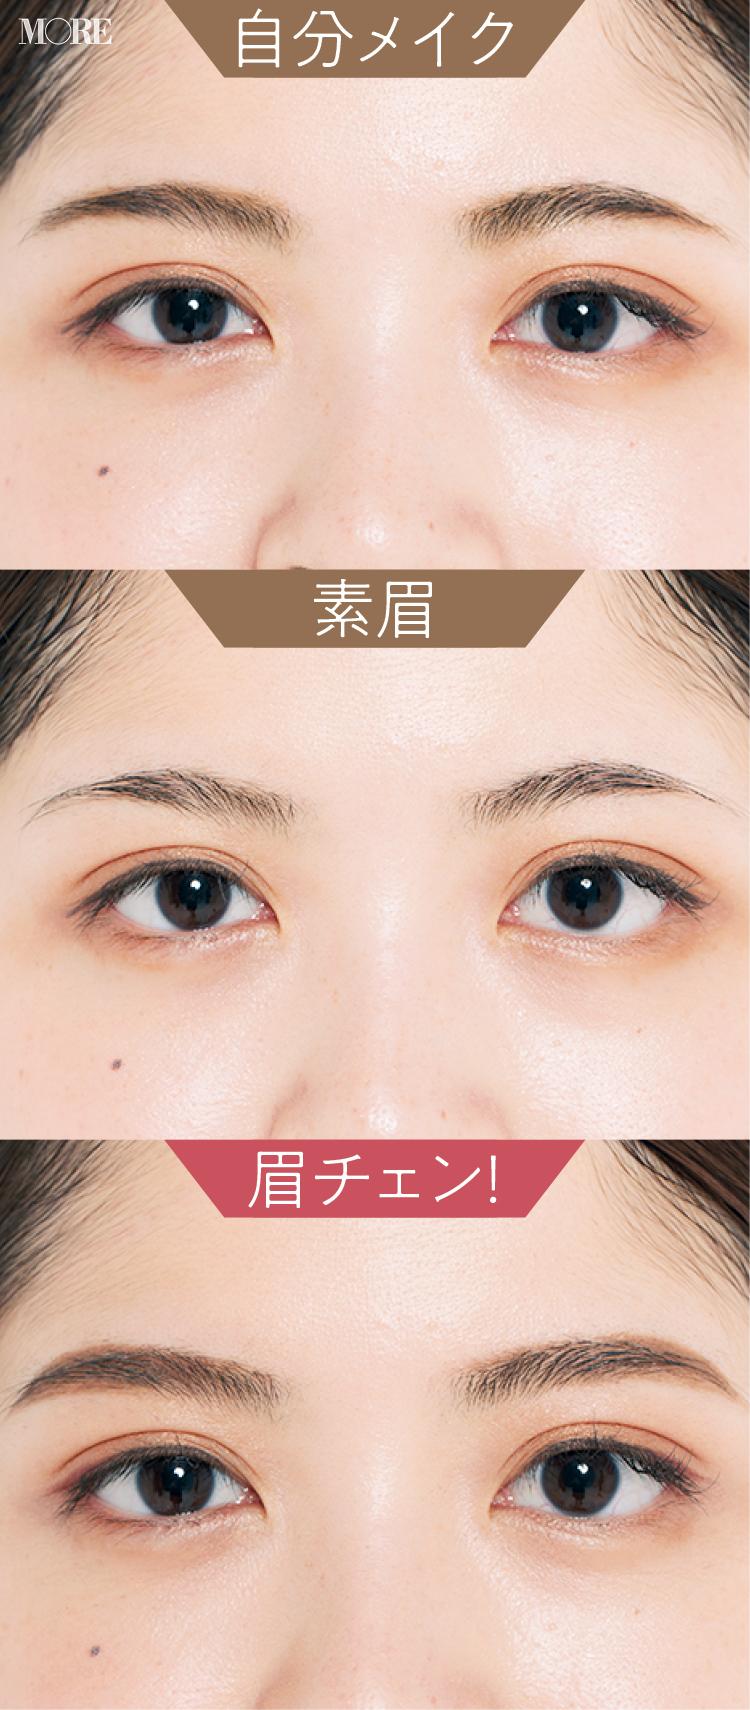 眉の形が定まらない人の原因は「眉山」! 眉山の見つけ方、自然な毛流れを作るコツetc. 正しい描き方、教えます_2